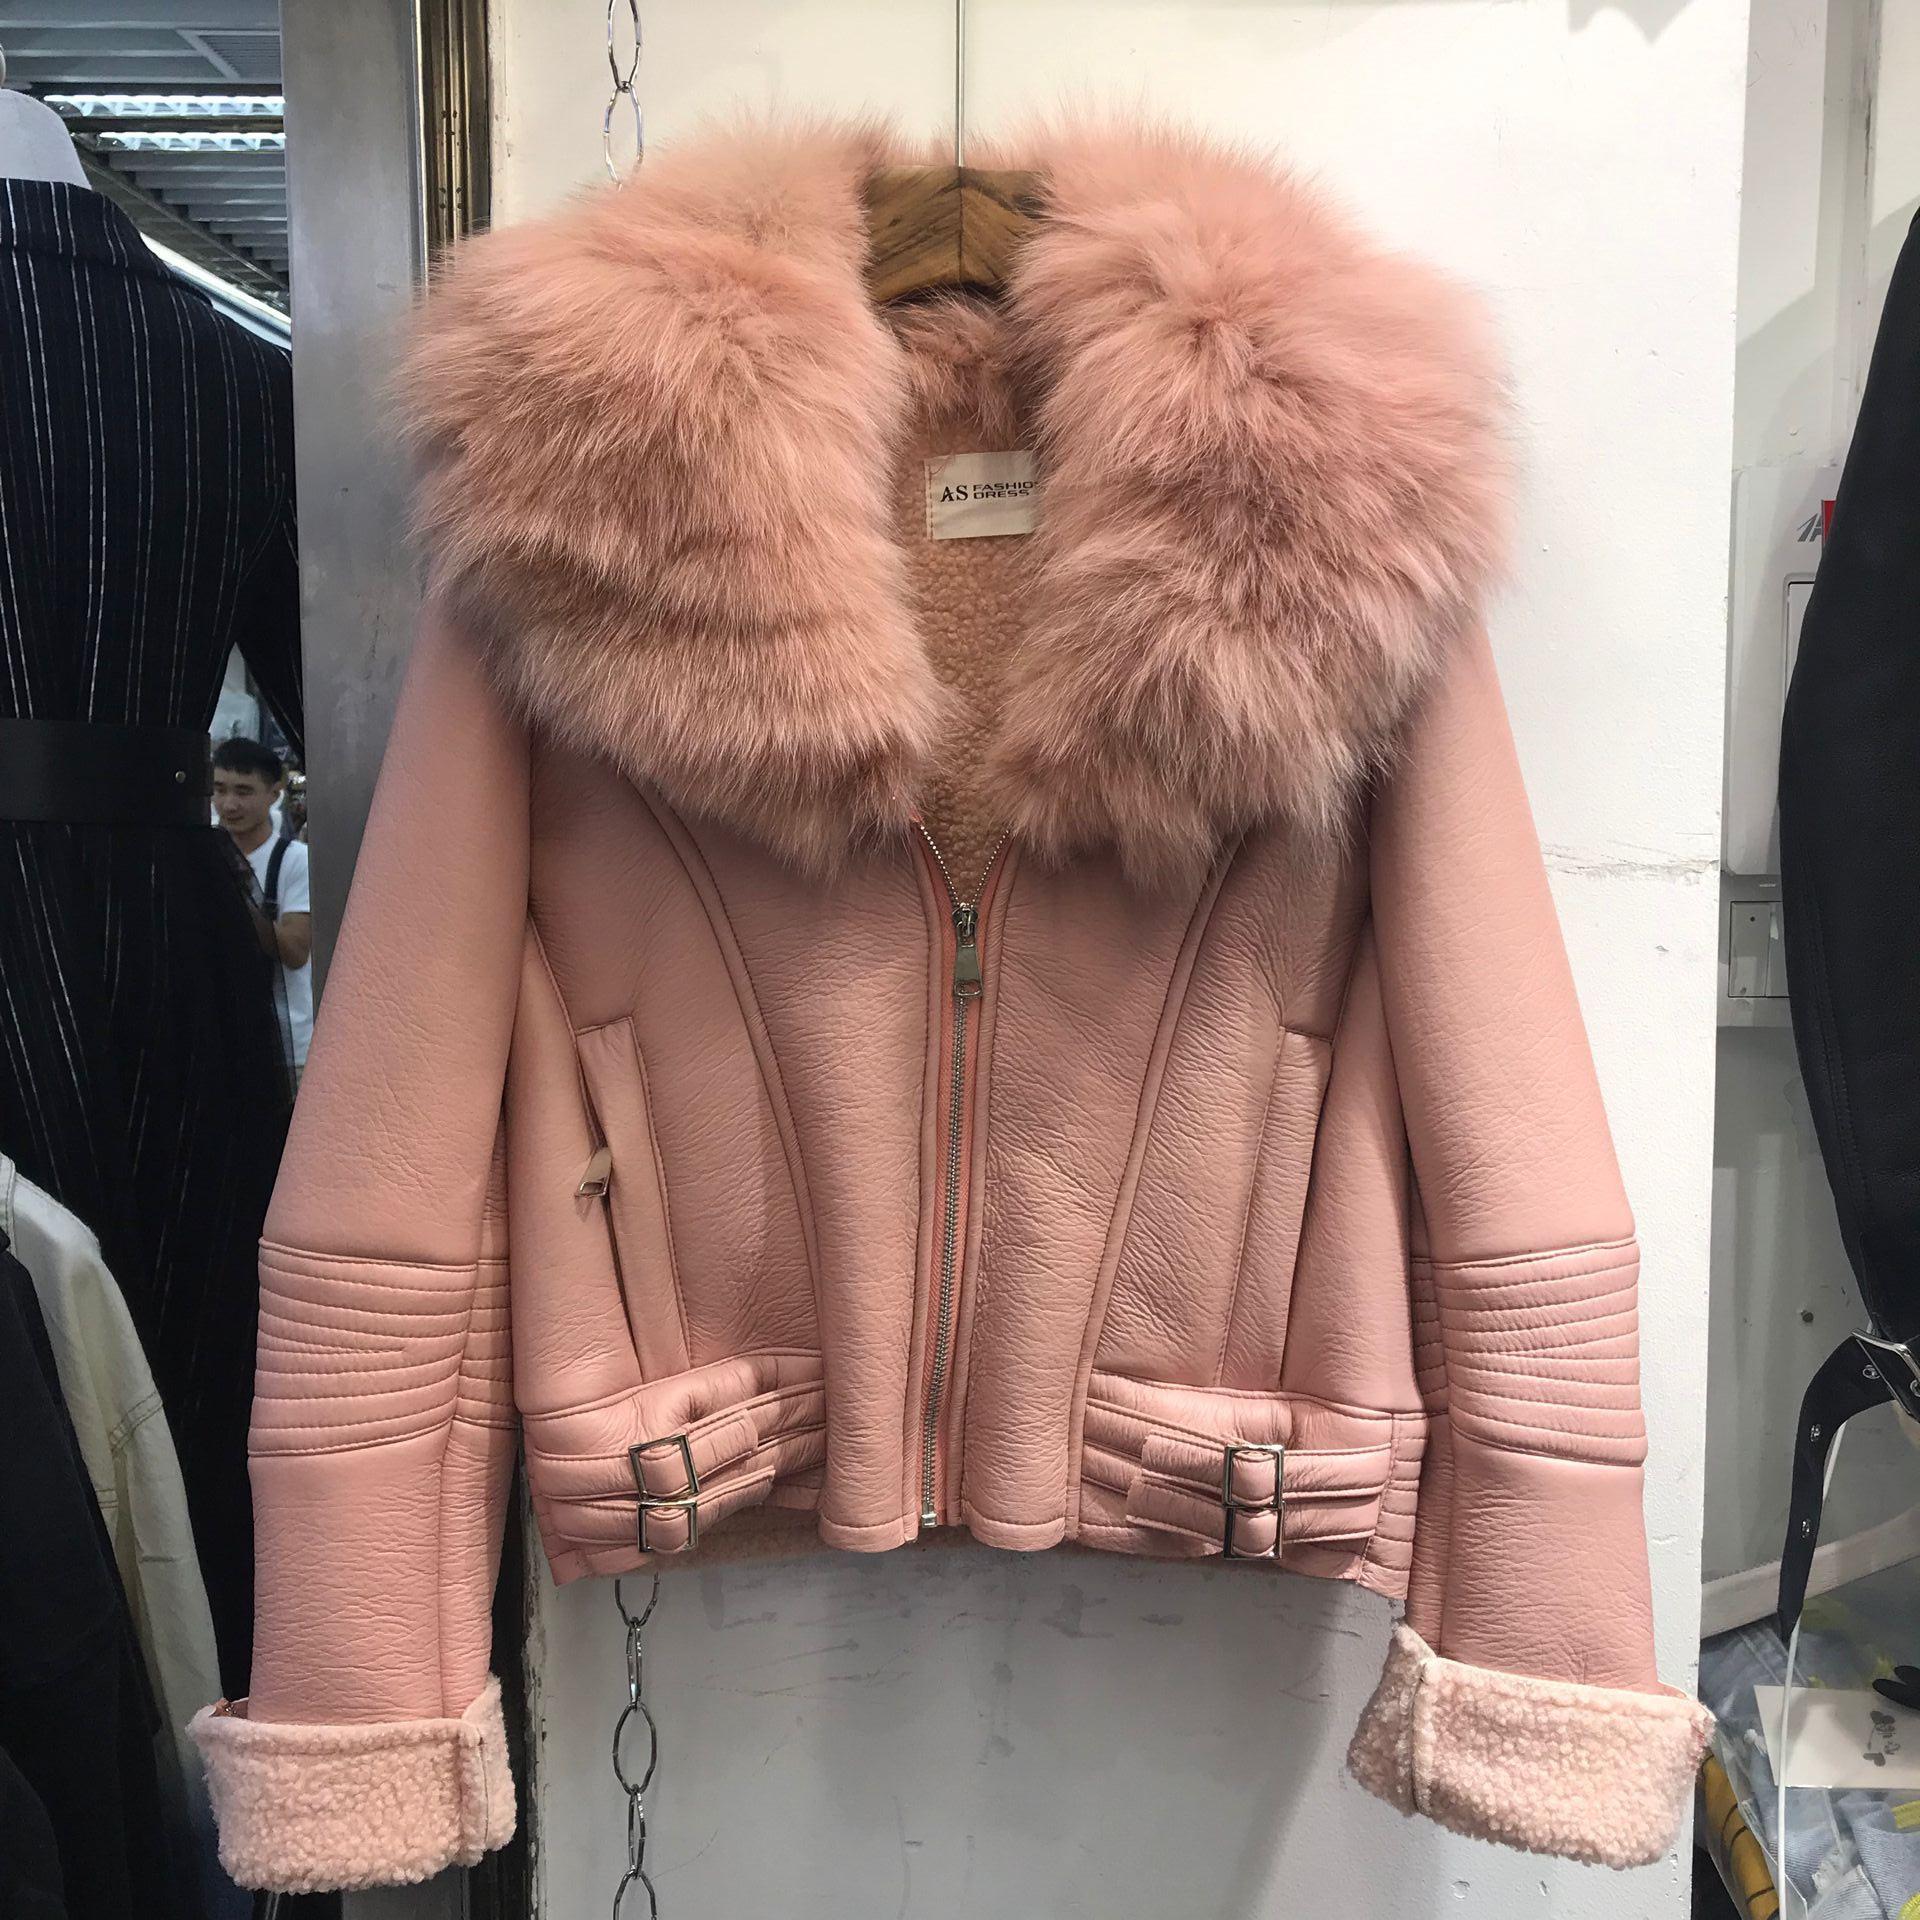 2019 новый корейский овец сдвиг шуба пальто короткие женские модели овец шерсть ягненка целая шкура пальто пальто лиса 603668637223